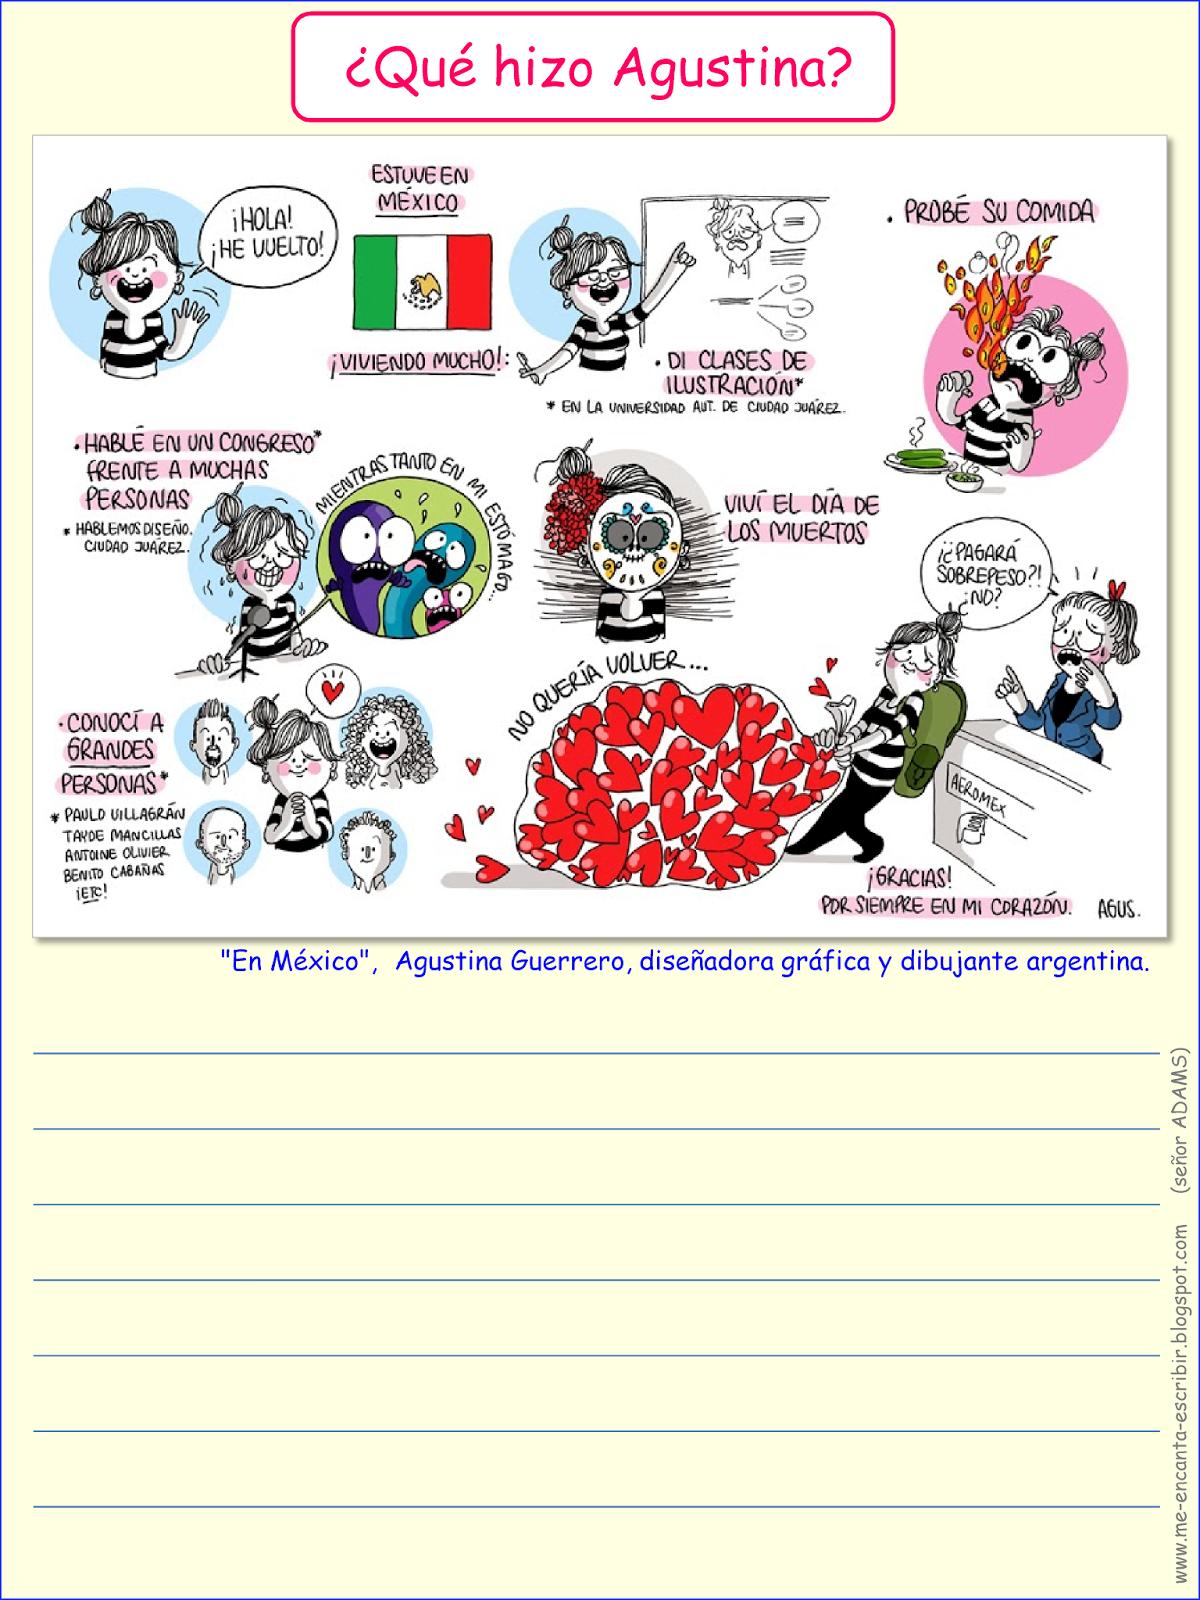 Me Encanta Escribir En Espanol En Mexico Que Hizo